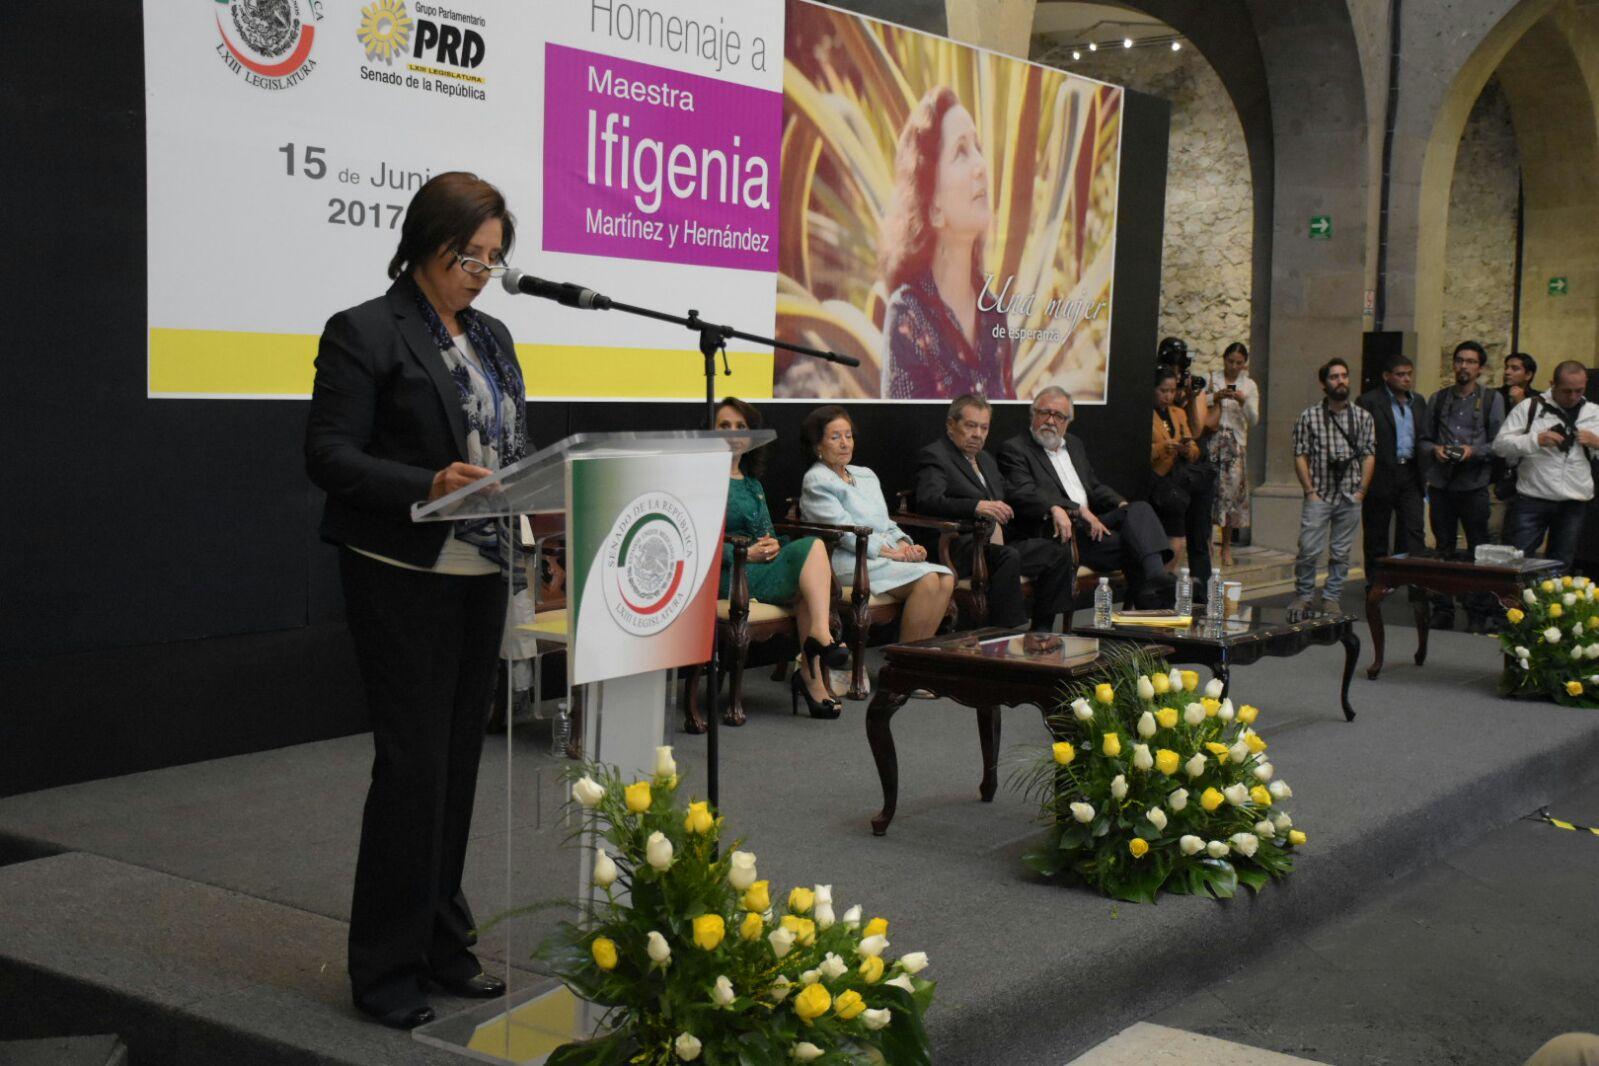 Eugenia Correa Vázquez en el Homenaje a la Maestra Ifigenia Martínez.